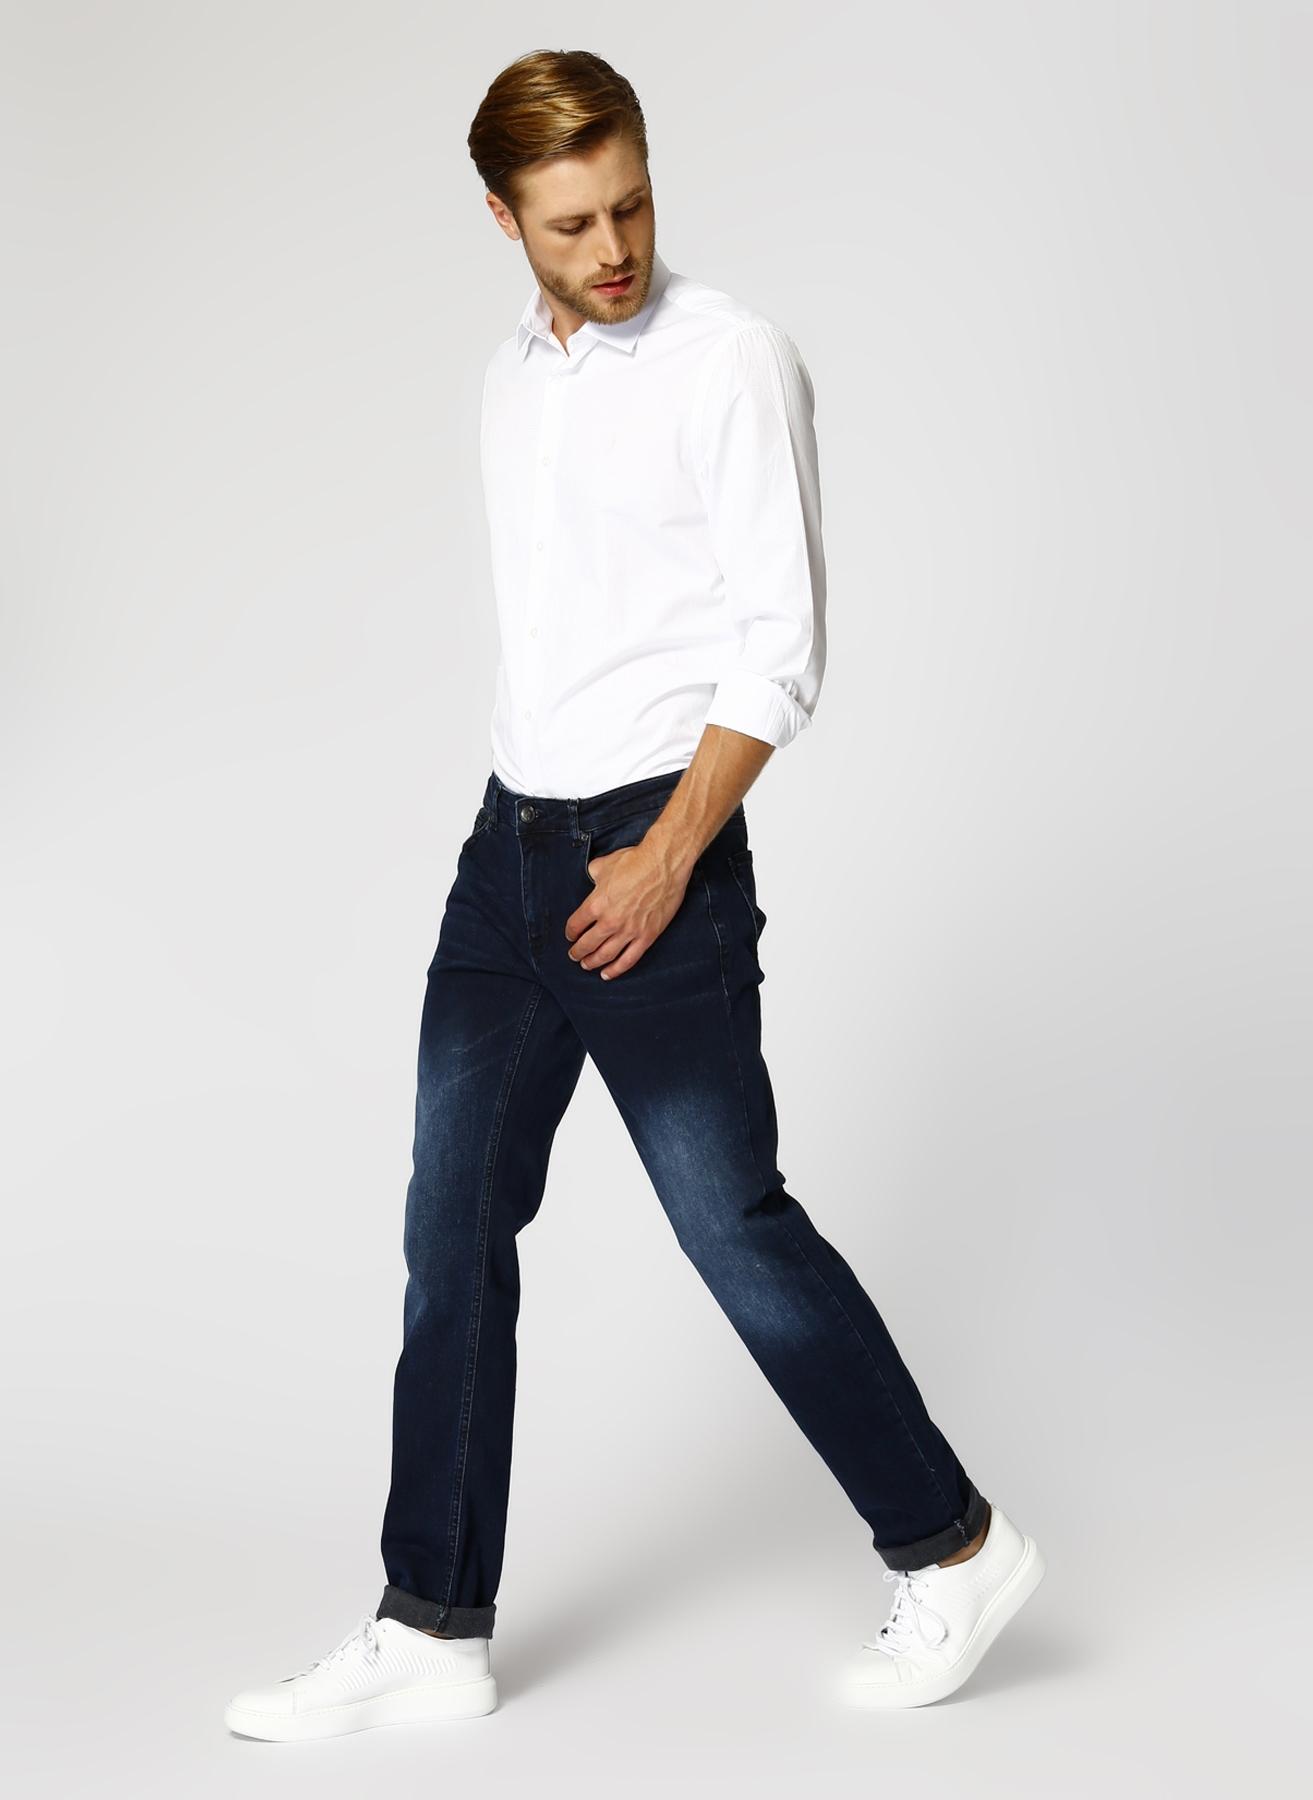 George Hogg Lacivert Denim Pantolon 38 5001822561001 Ürün Resmi